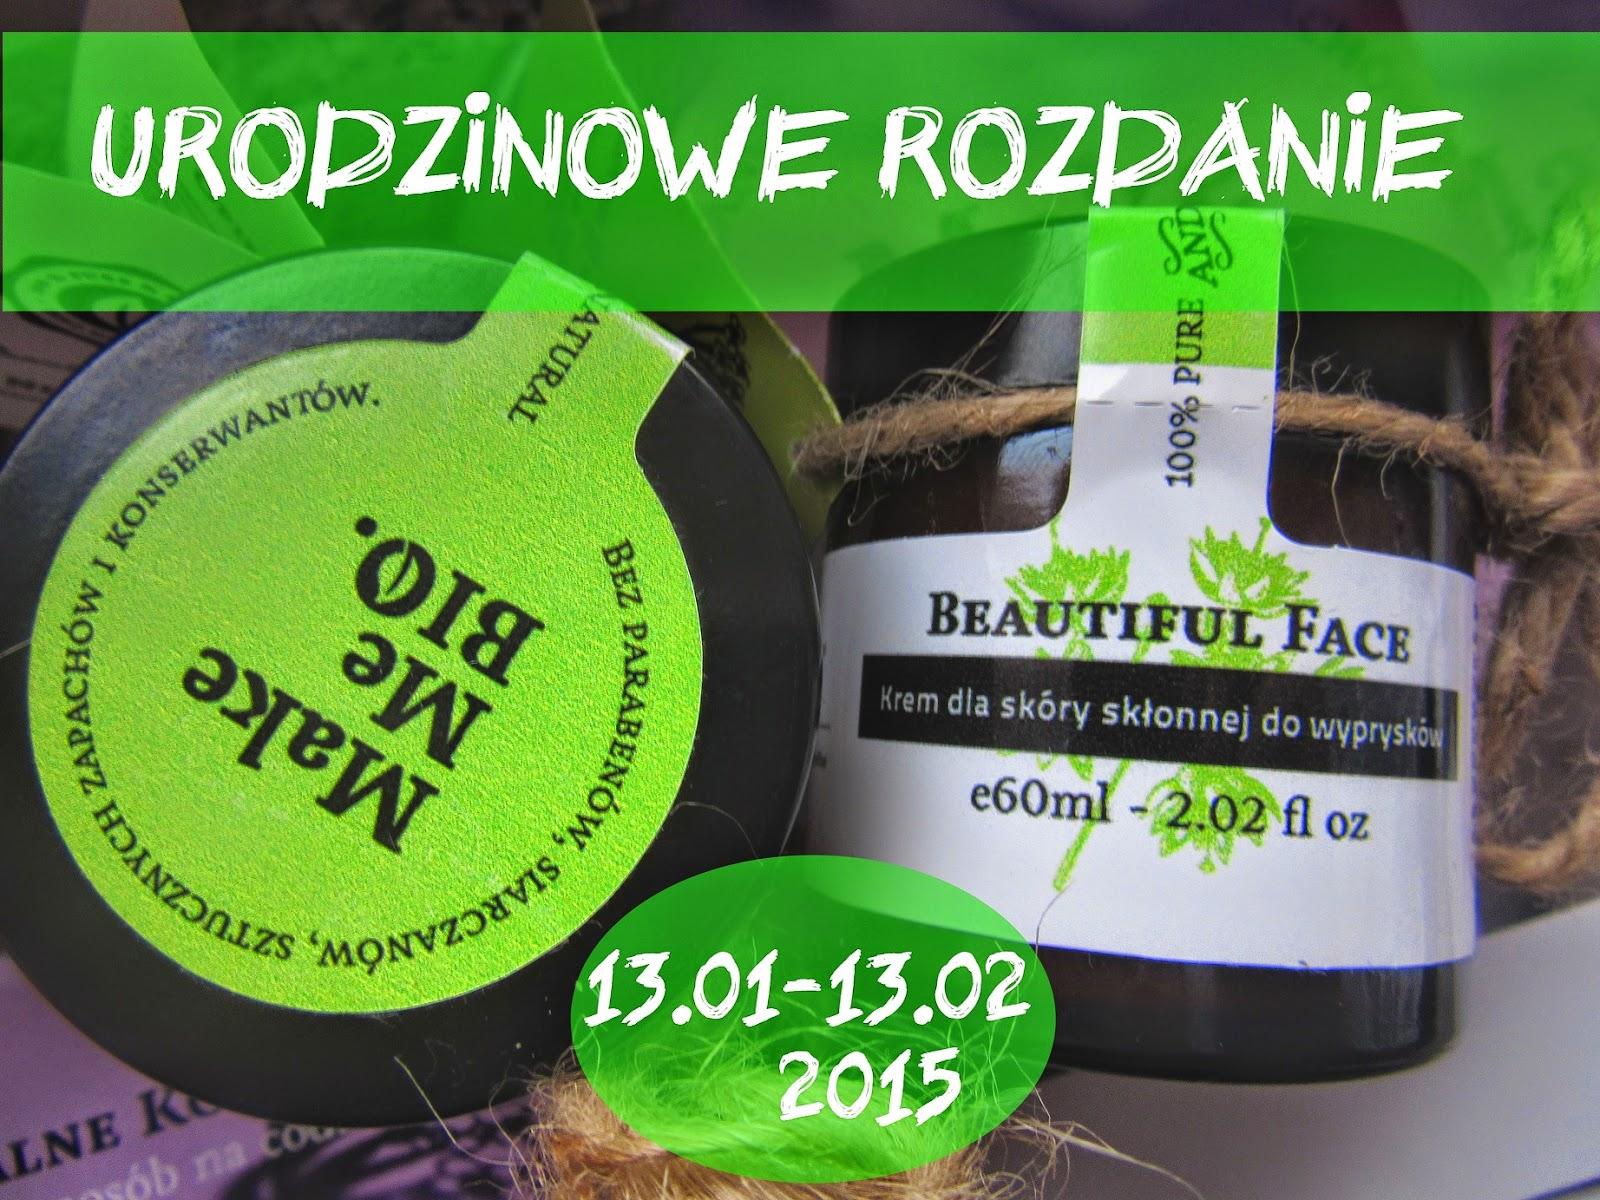 http://mineralnyswiatkasi.blogspot.com/2015/01/urodzinowe-rozdanie-zapraszam.html